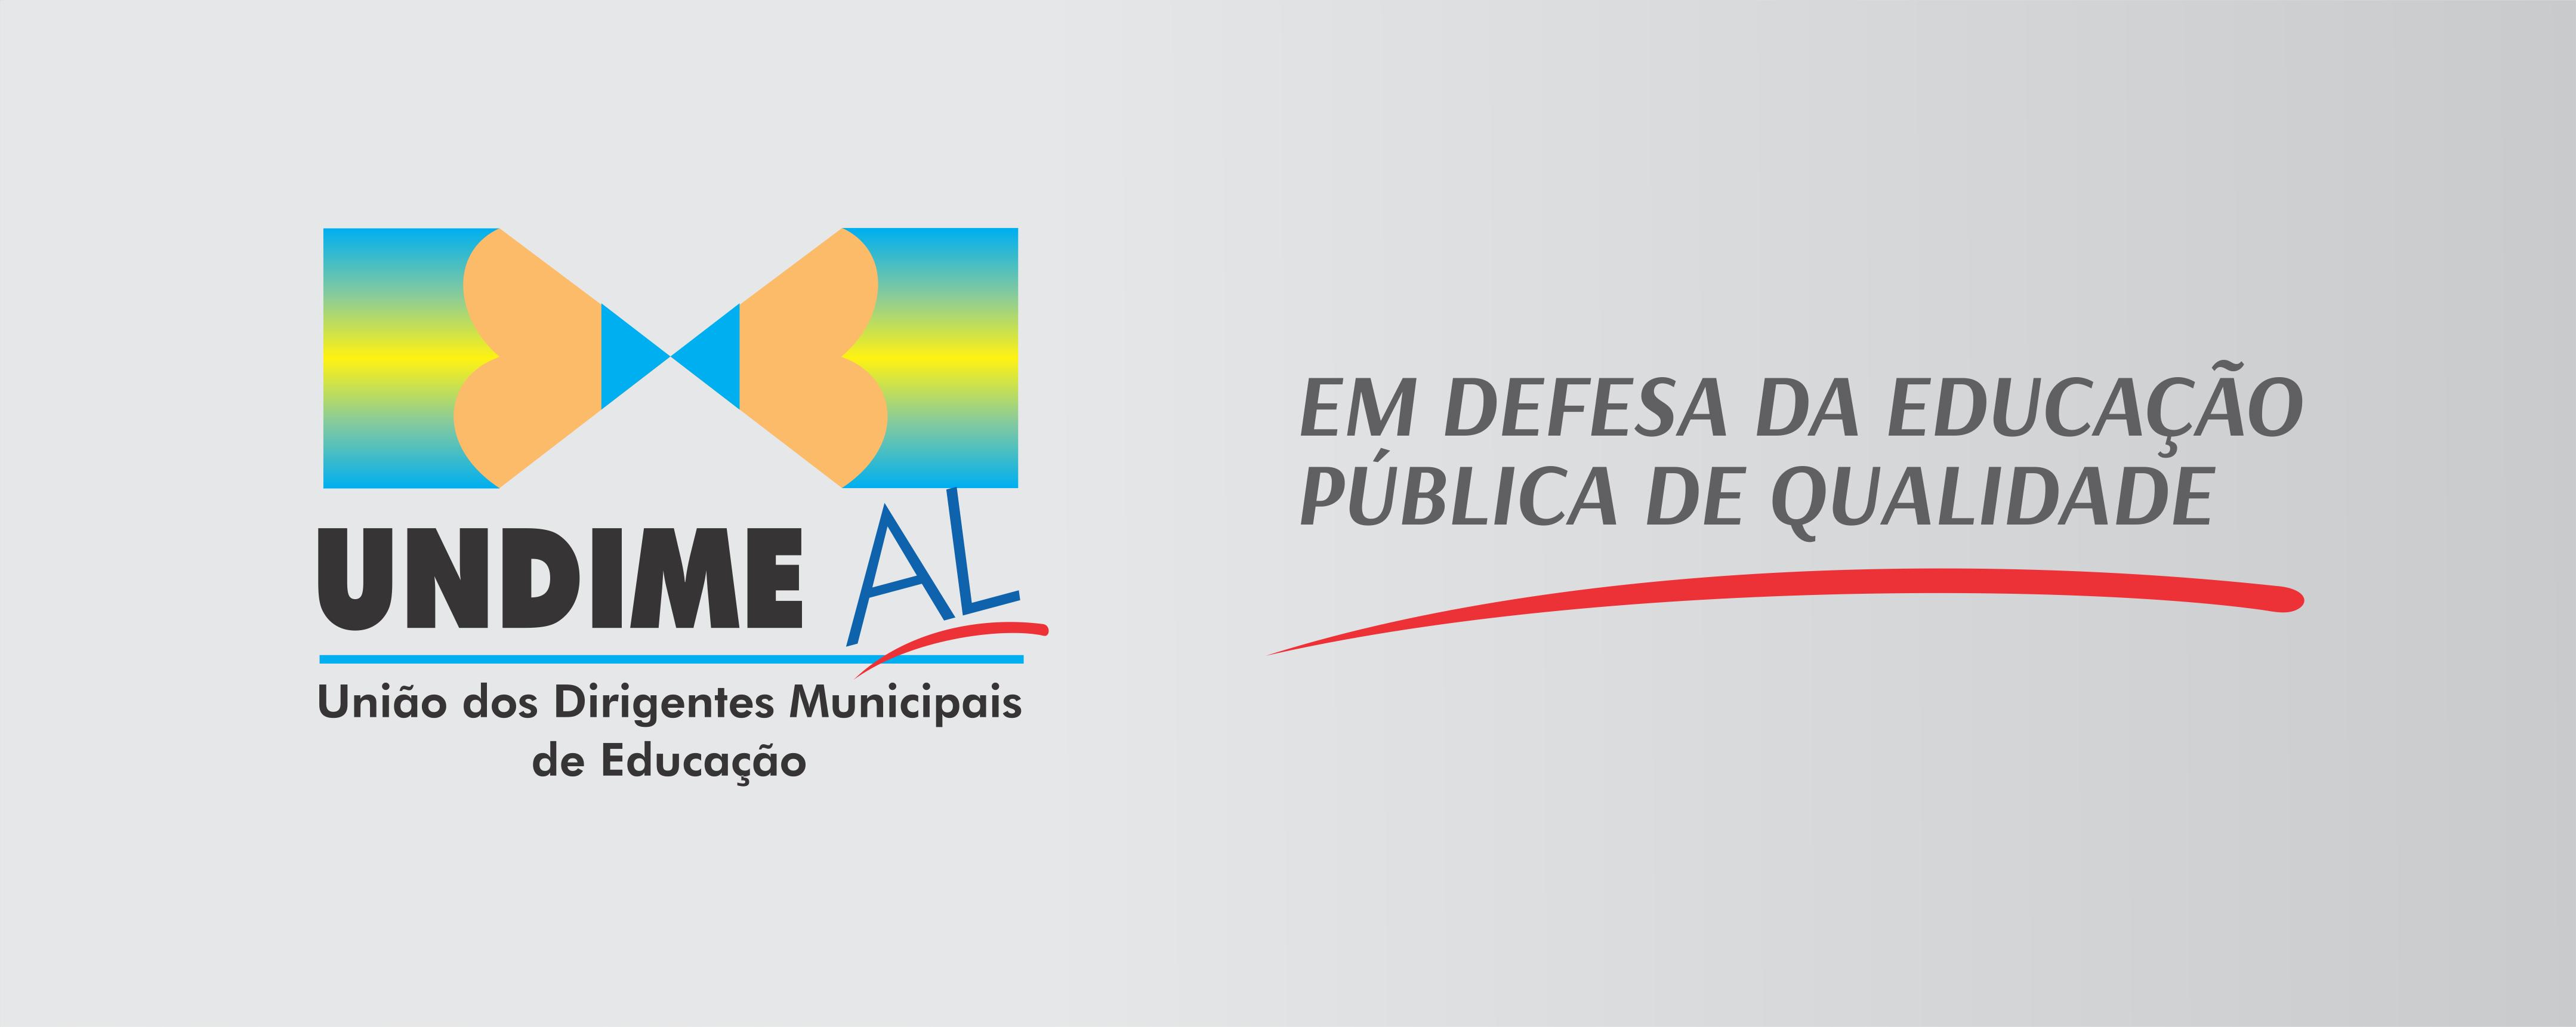 Undime Alagoas